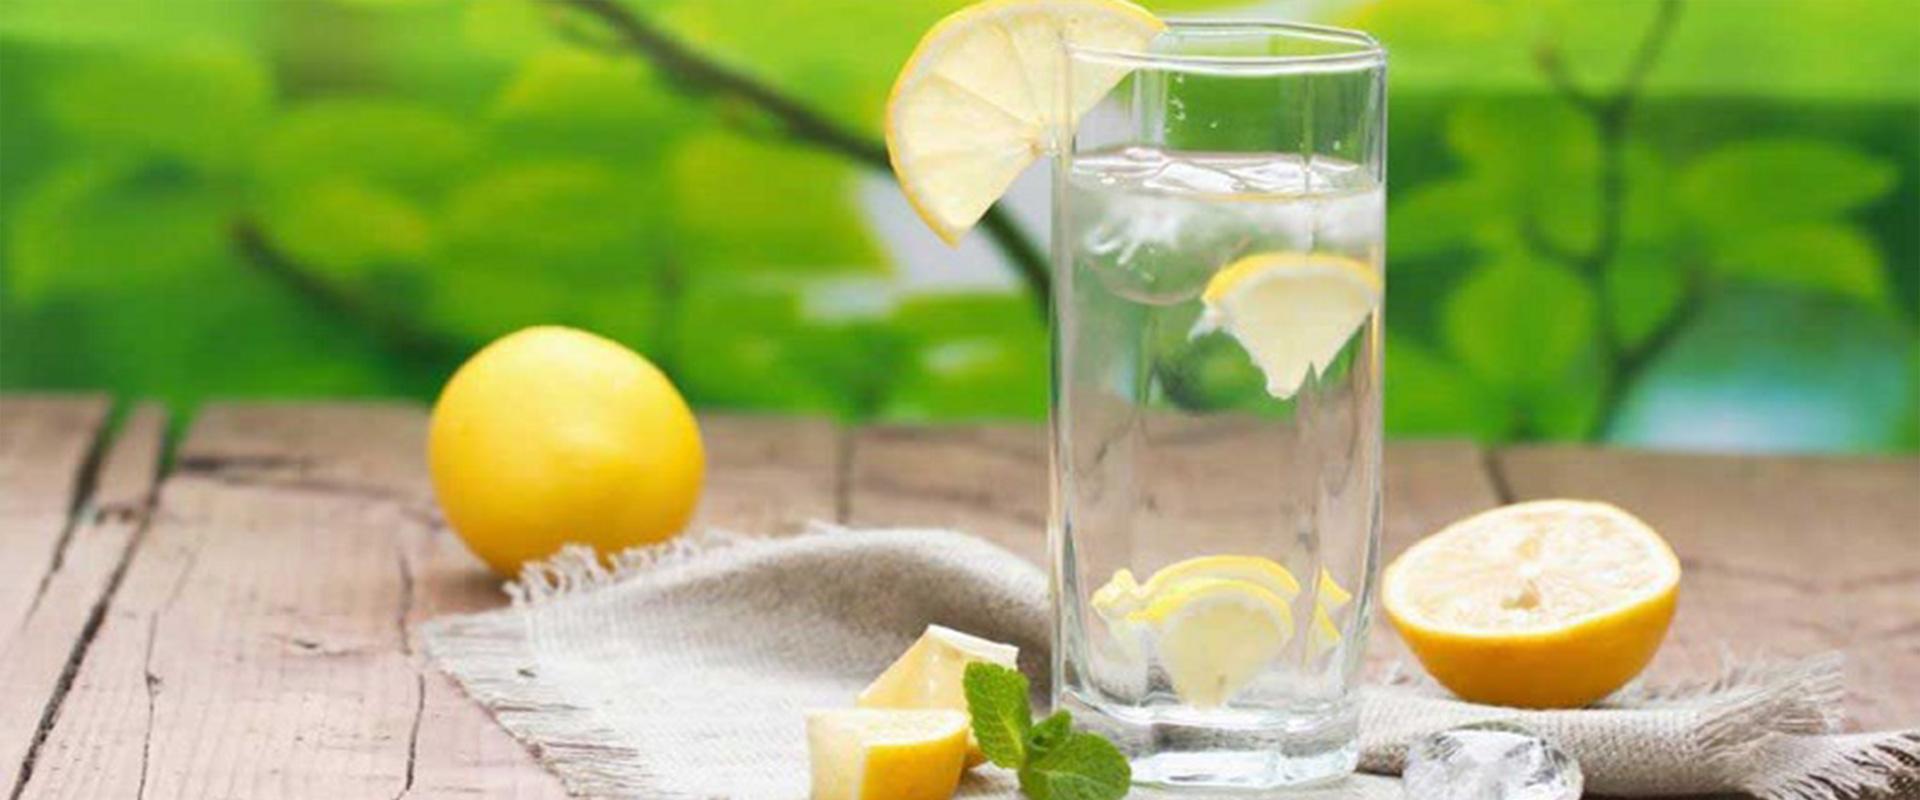 Soğuk havada azalan su tüketimine dikkat